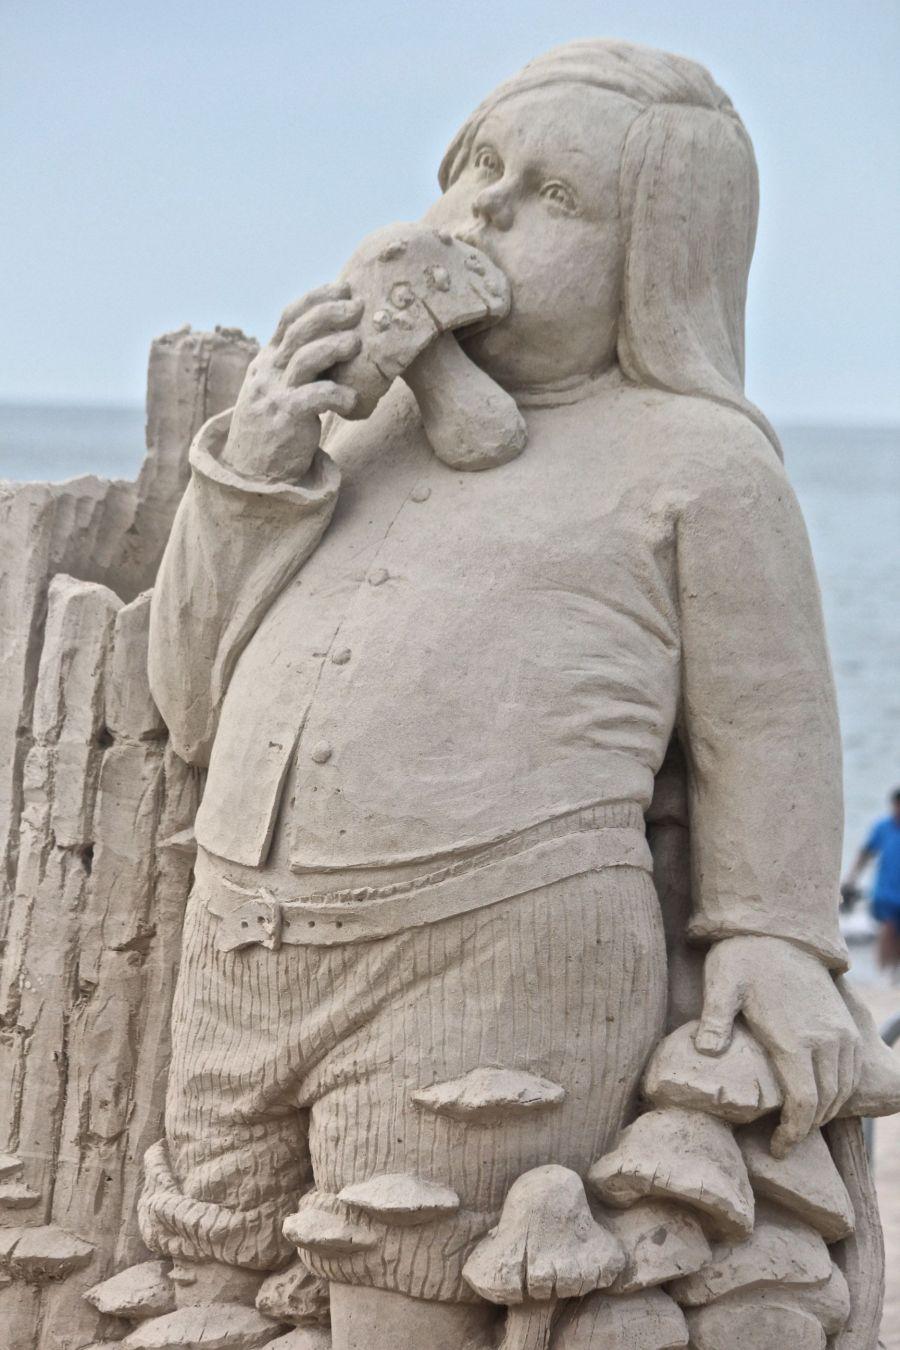 boston revere beach sand sculpture festival kid eating mushroom